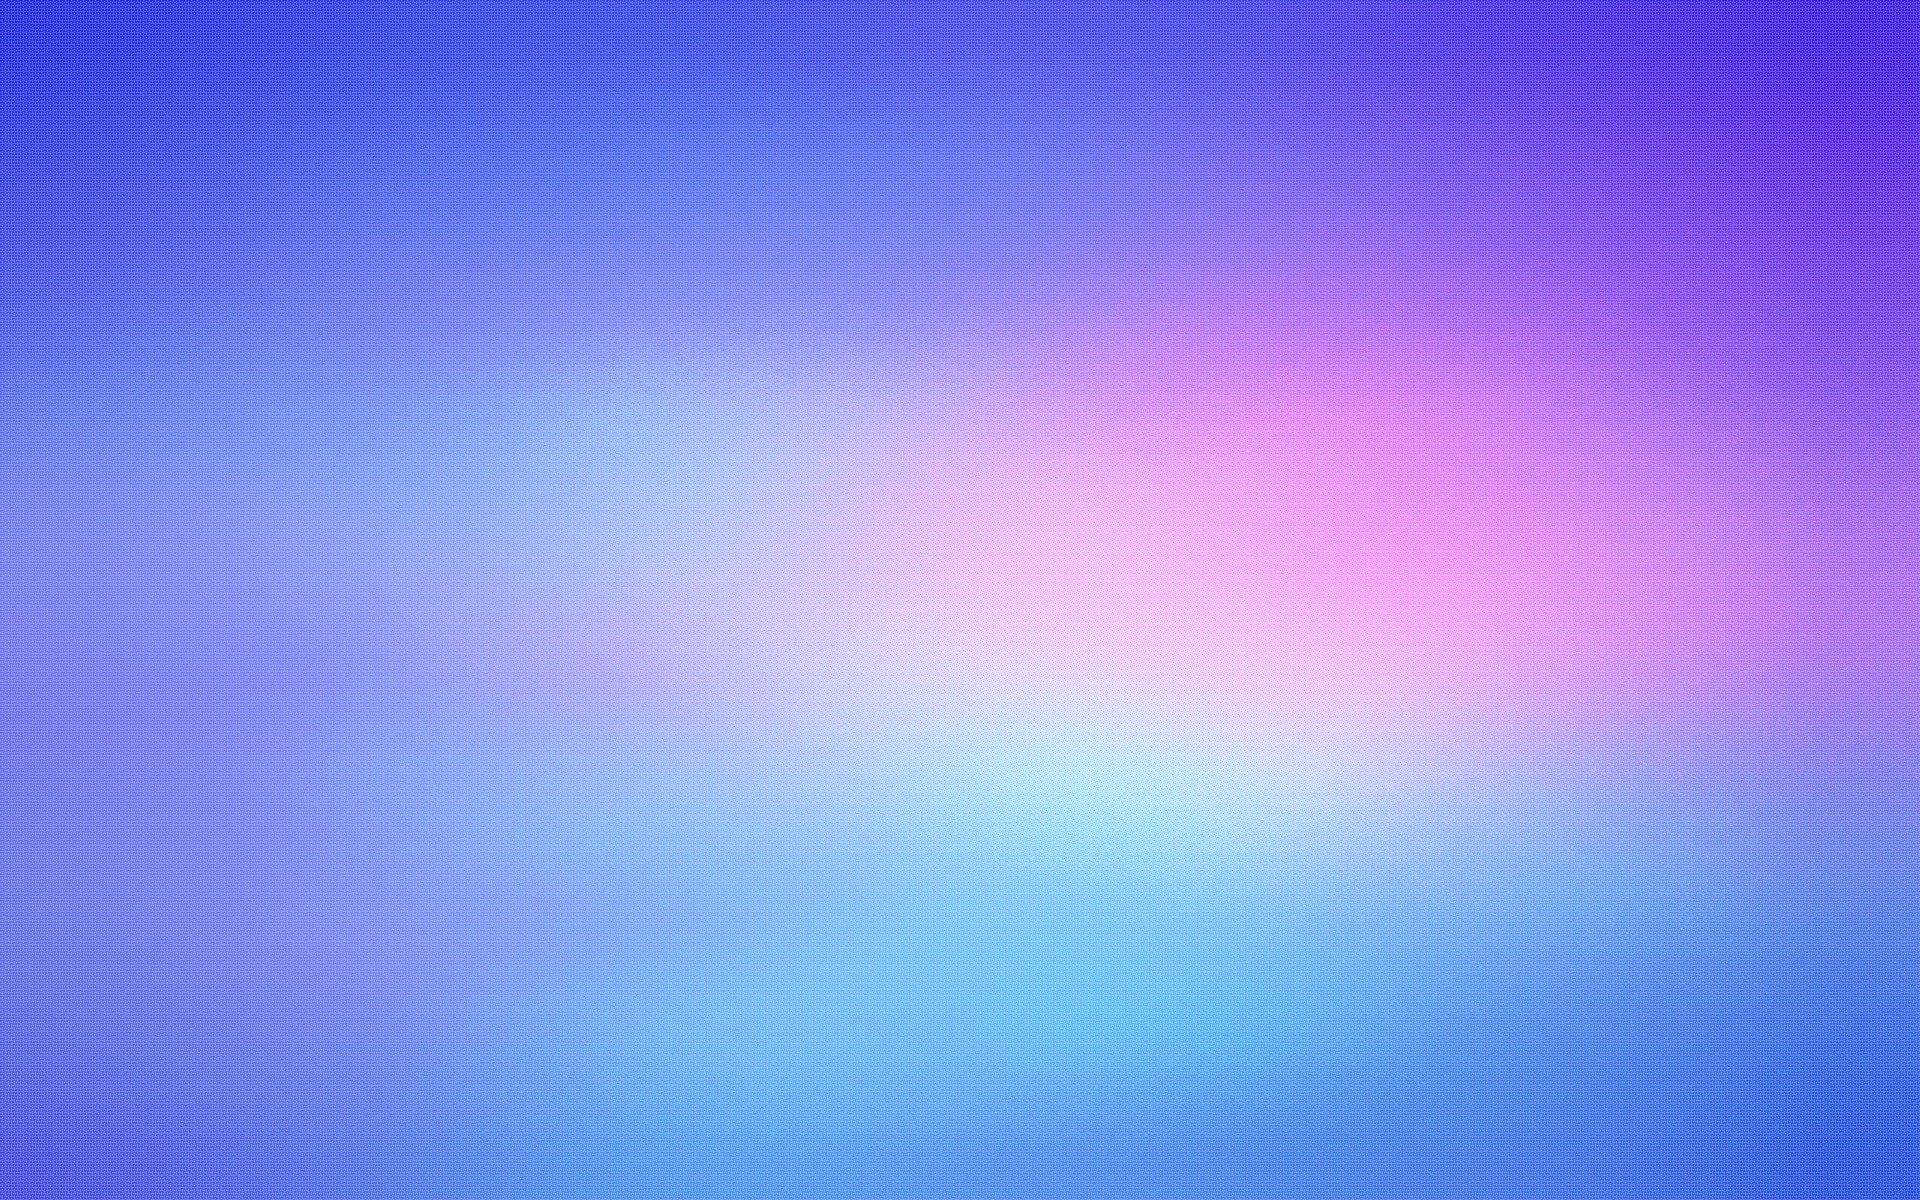 Свет, голубые линии, градиент бесплатно